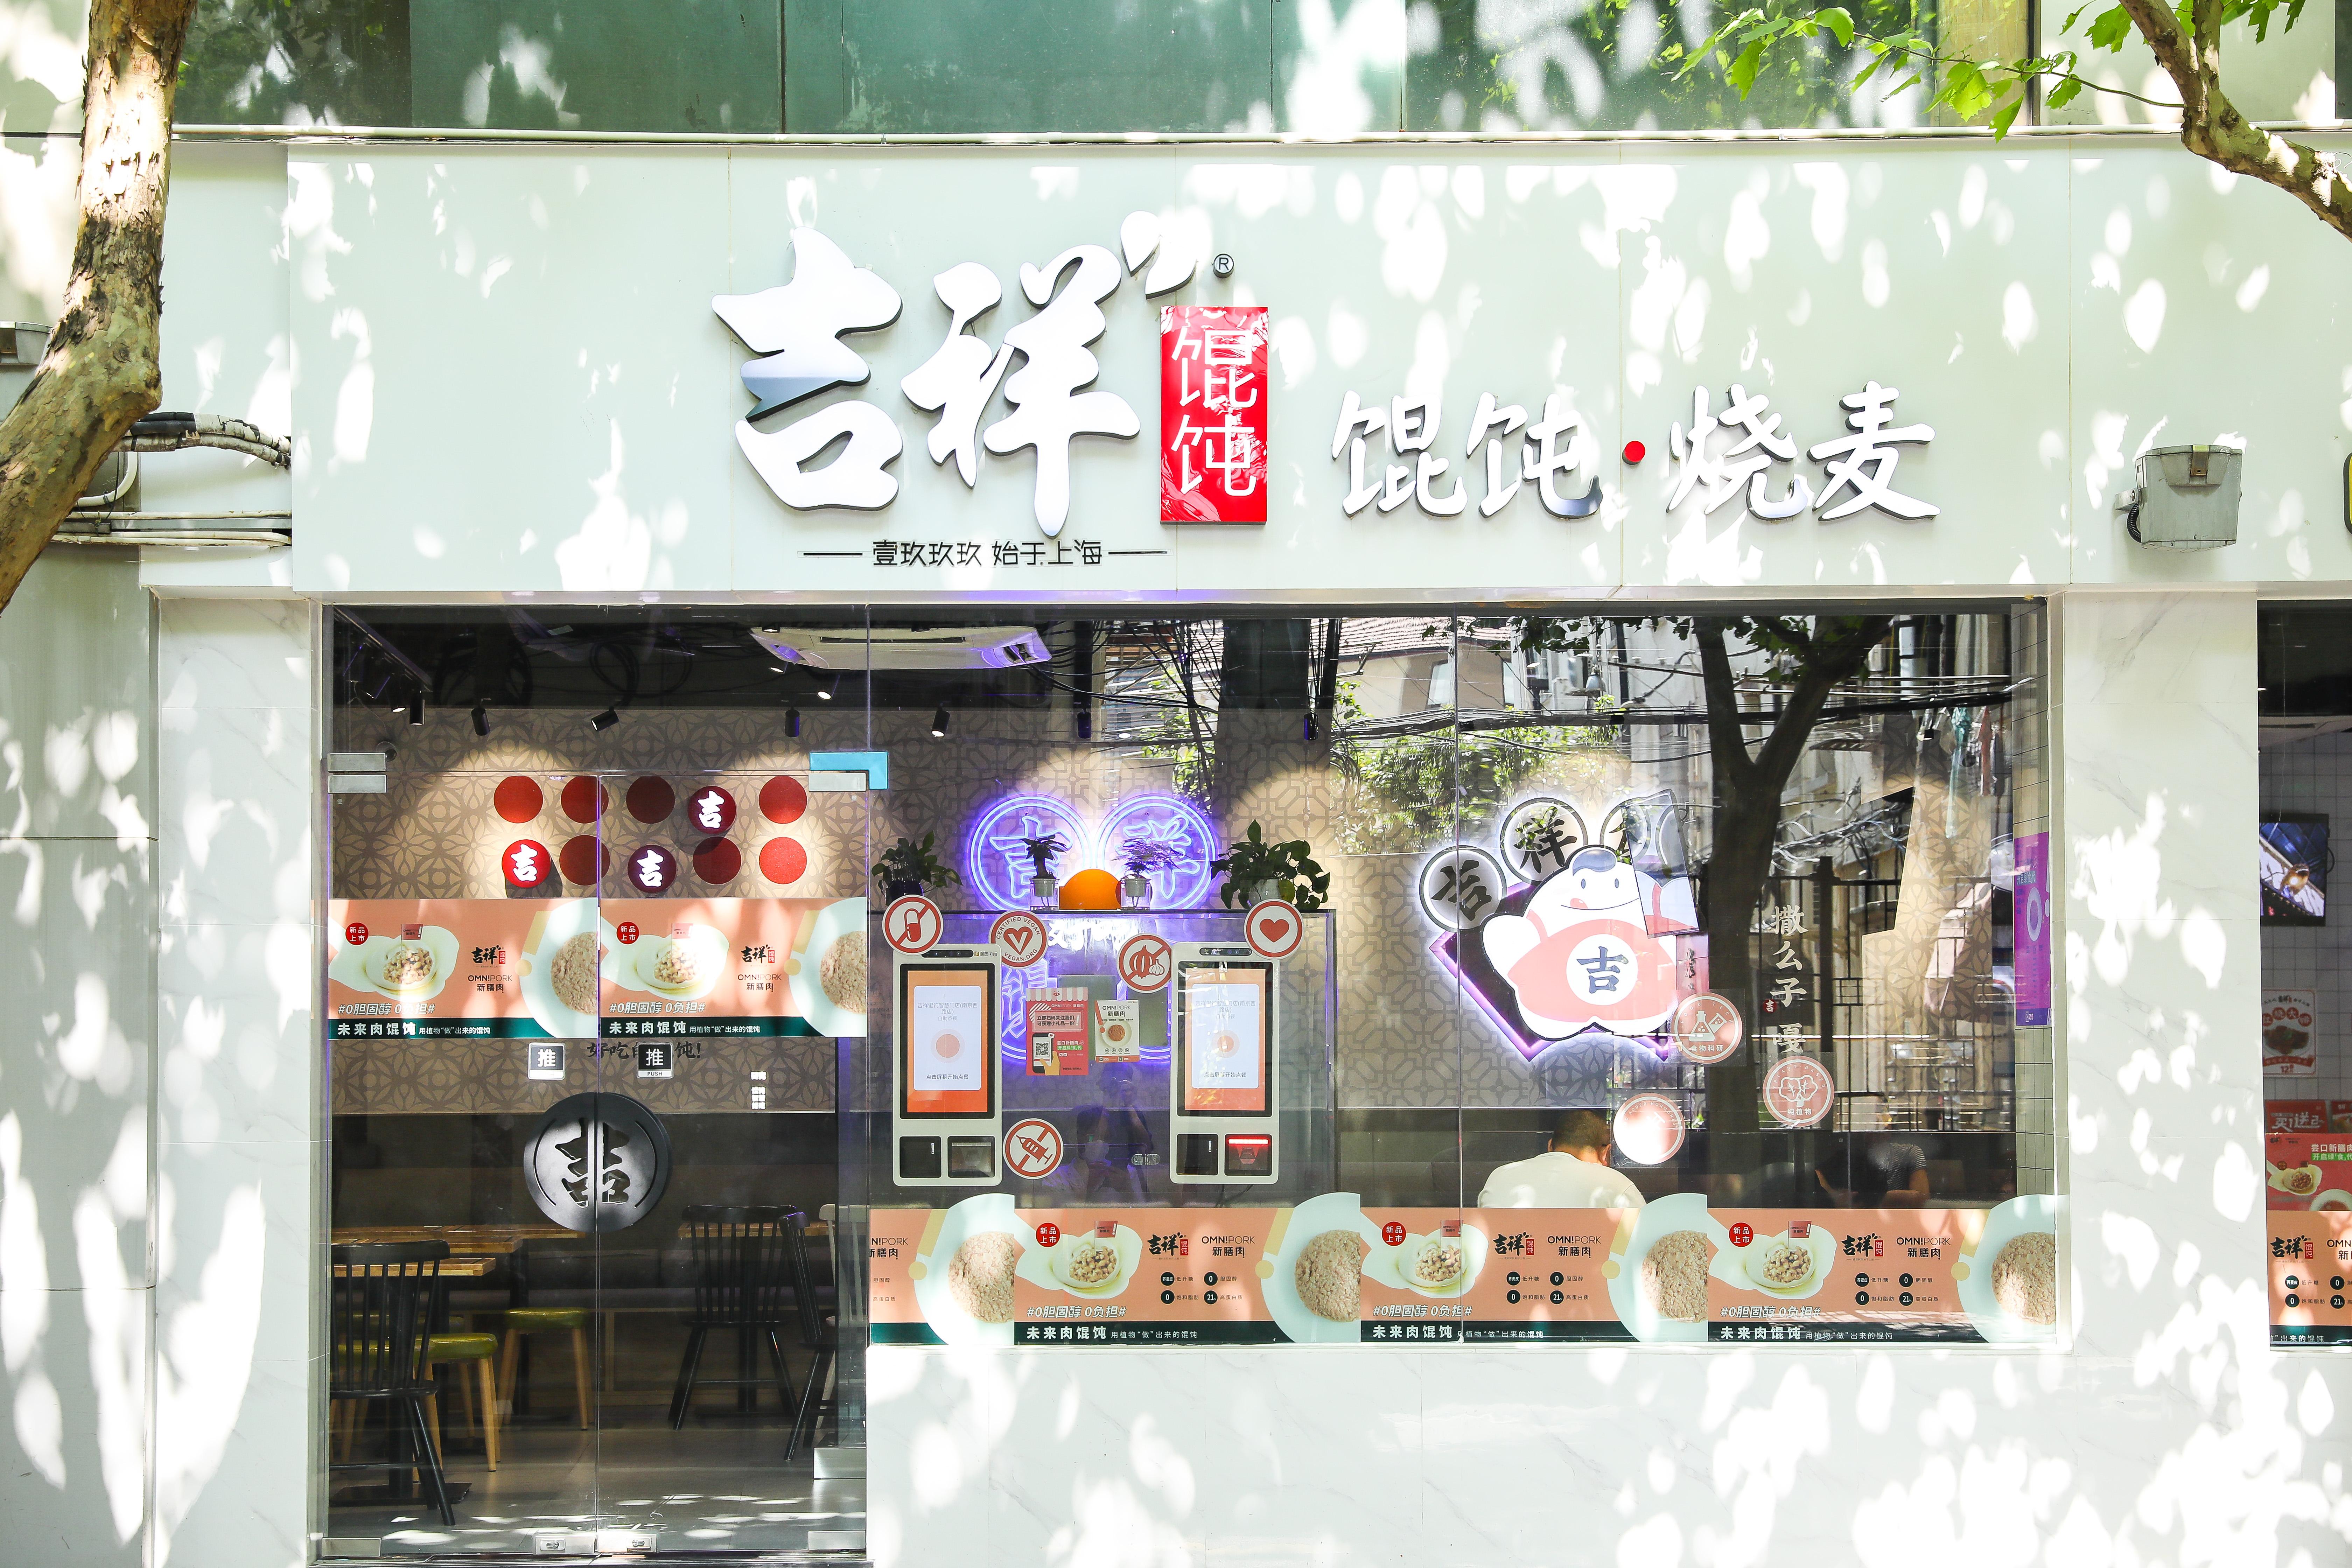 中式快餐品牌加盟品类